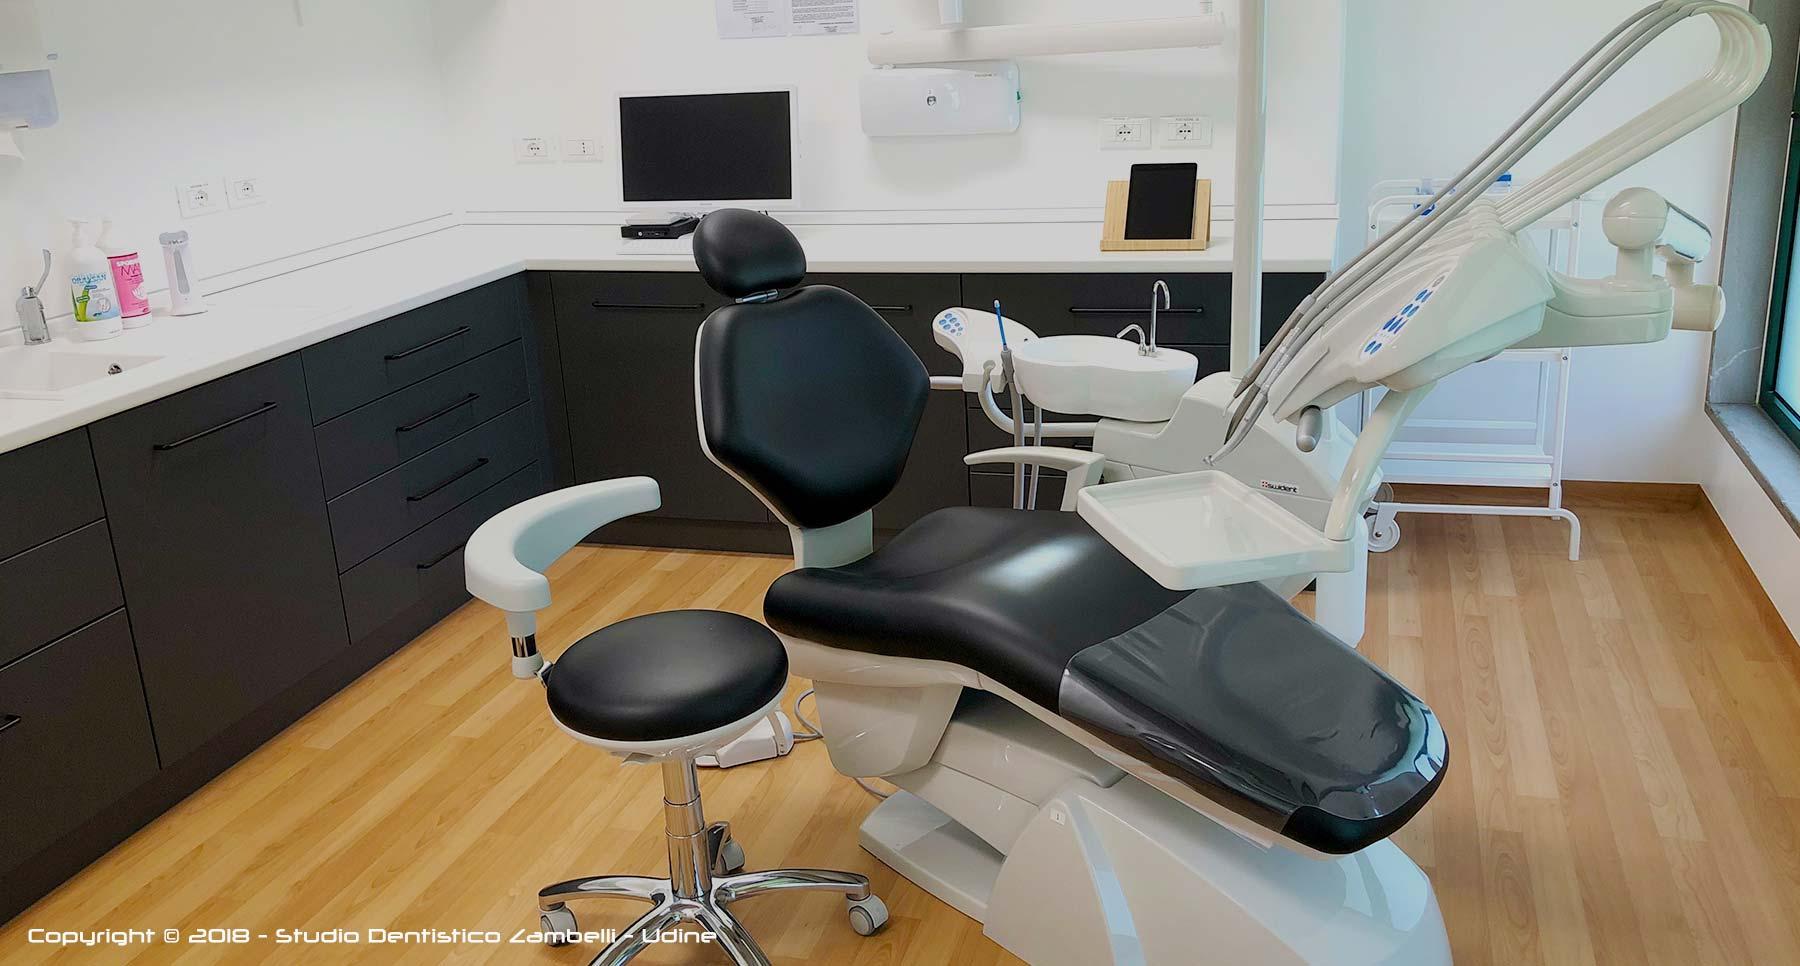 studio-dentistico-zambelli-pasian-di-prato-udine